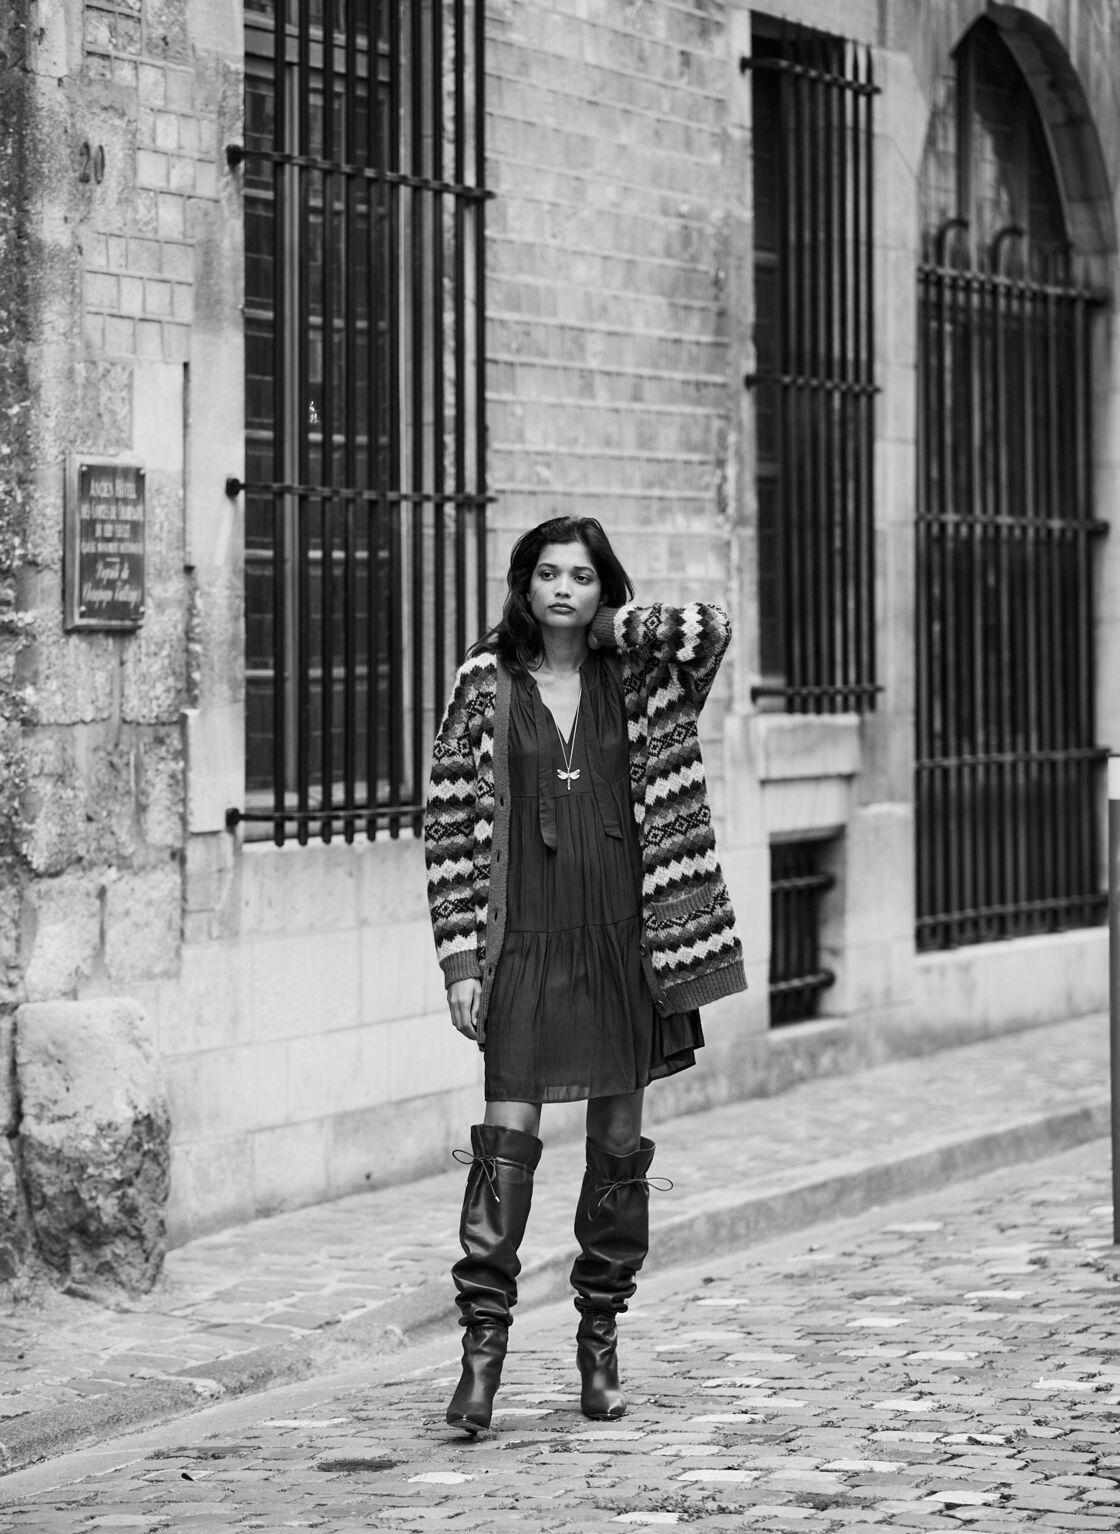 Gilet en laine mélangée La Petite Française, robe Caroll. Collier Thomas Sabo, bottes Tory Burch.